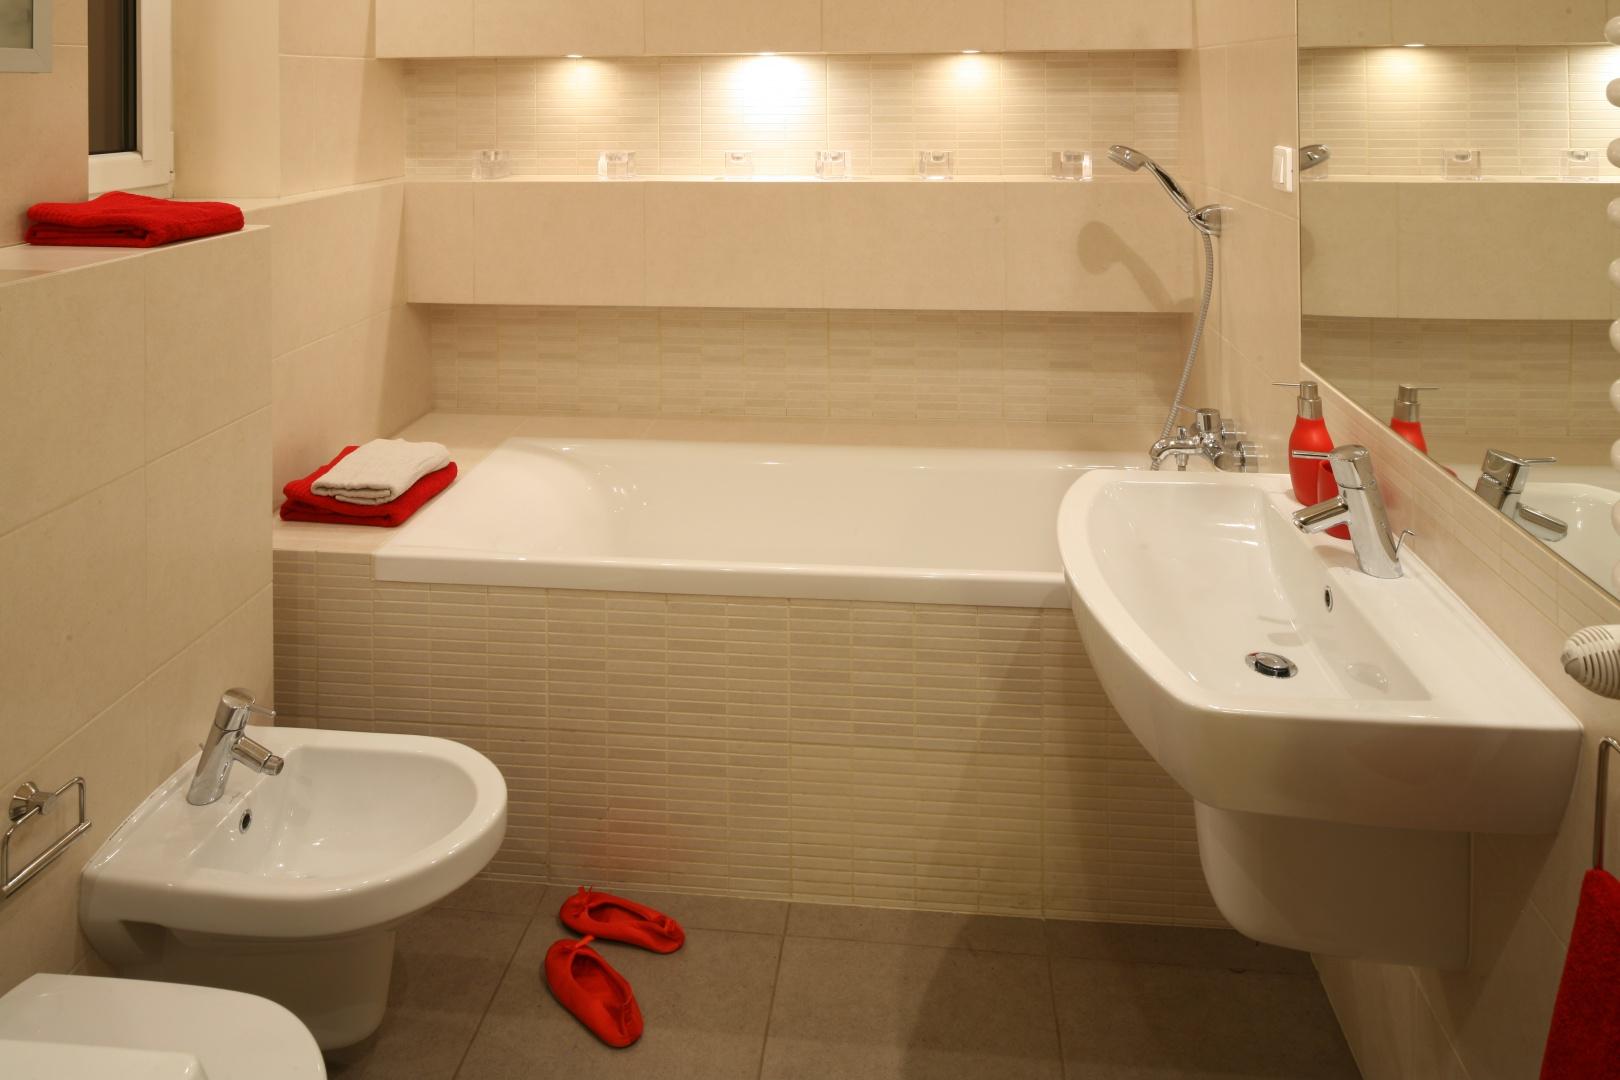 Powierzchnia 5,5 metrów kwadratowych. Rodzinna łazienka z dużą wanną, pralką i szafkami ukrytymi przy drzwiach. Projekt: właściciele. Fot. Bartosz Jarosz.